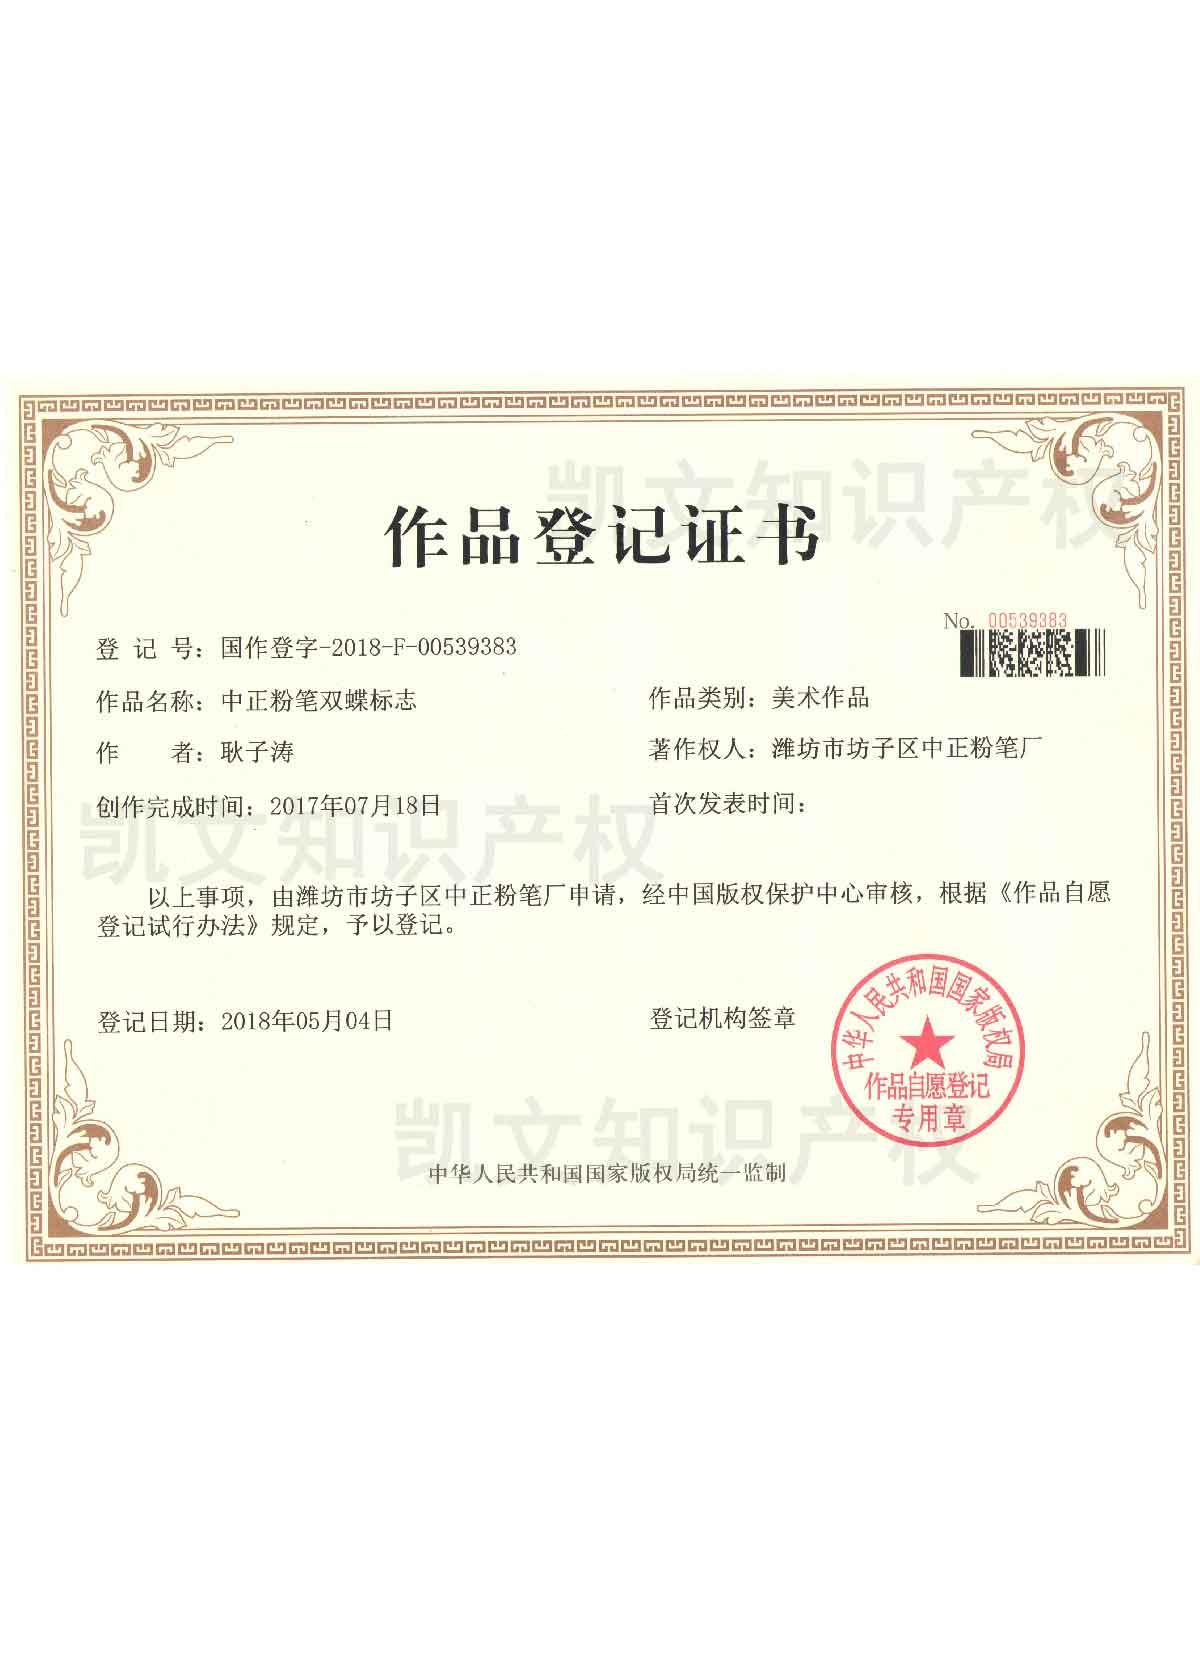 作品登记证书10